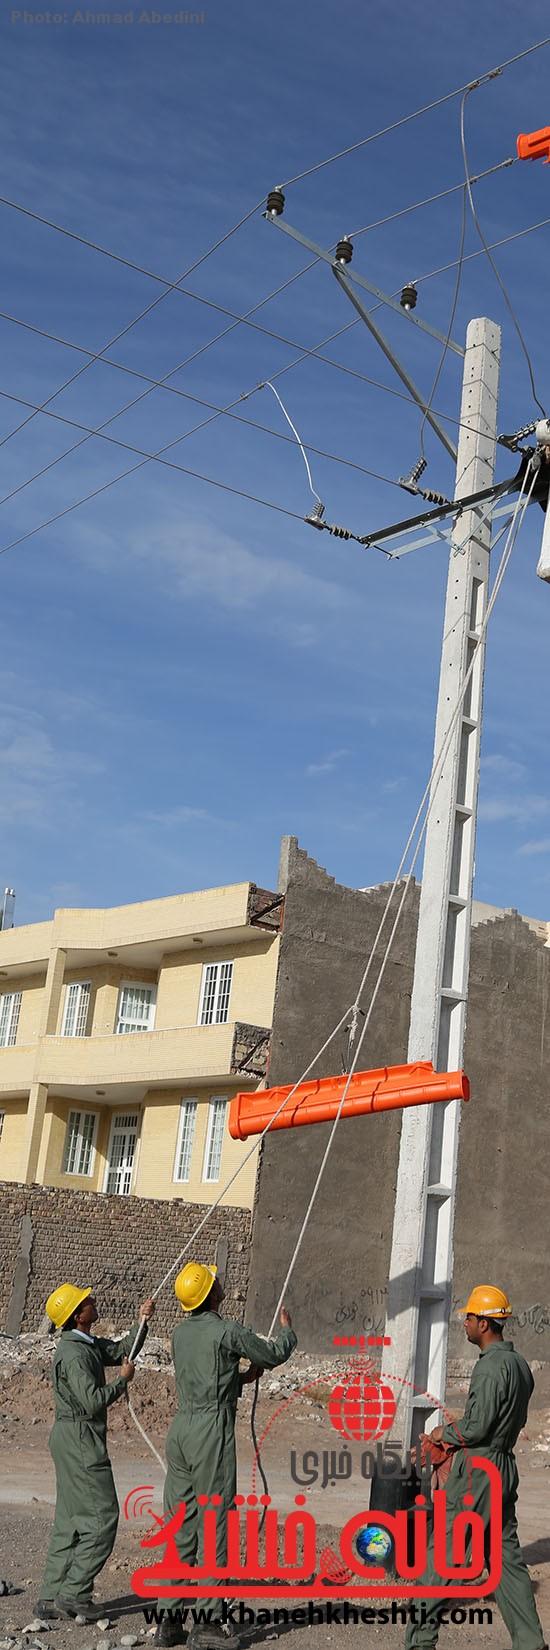 افتتاح پروژه برق رسانی رفسنجان_خانه خشتی (۴)